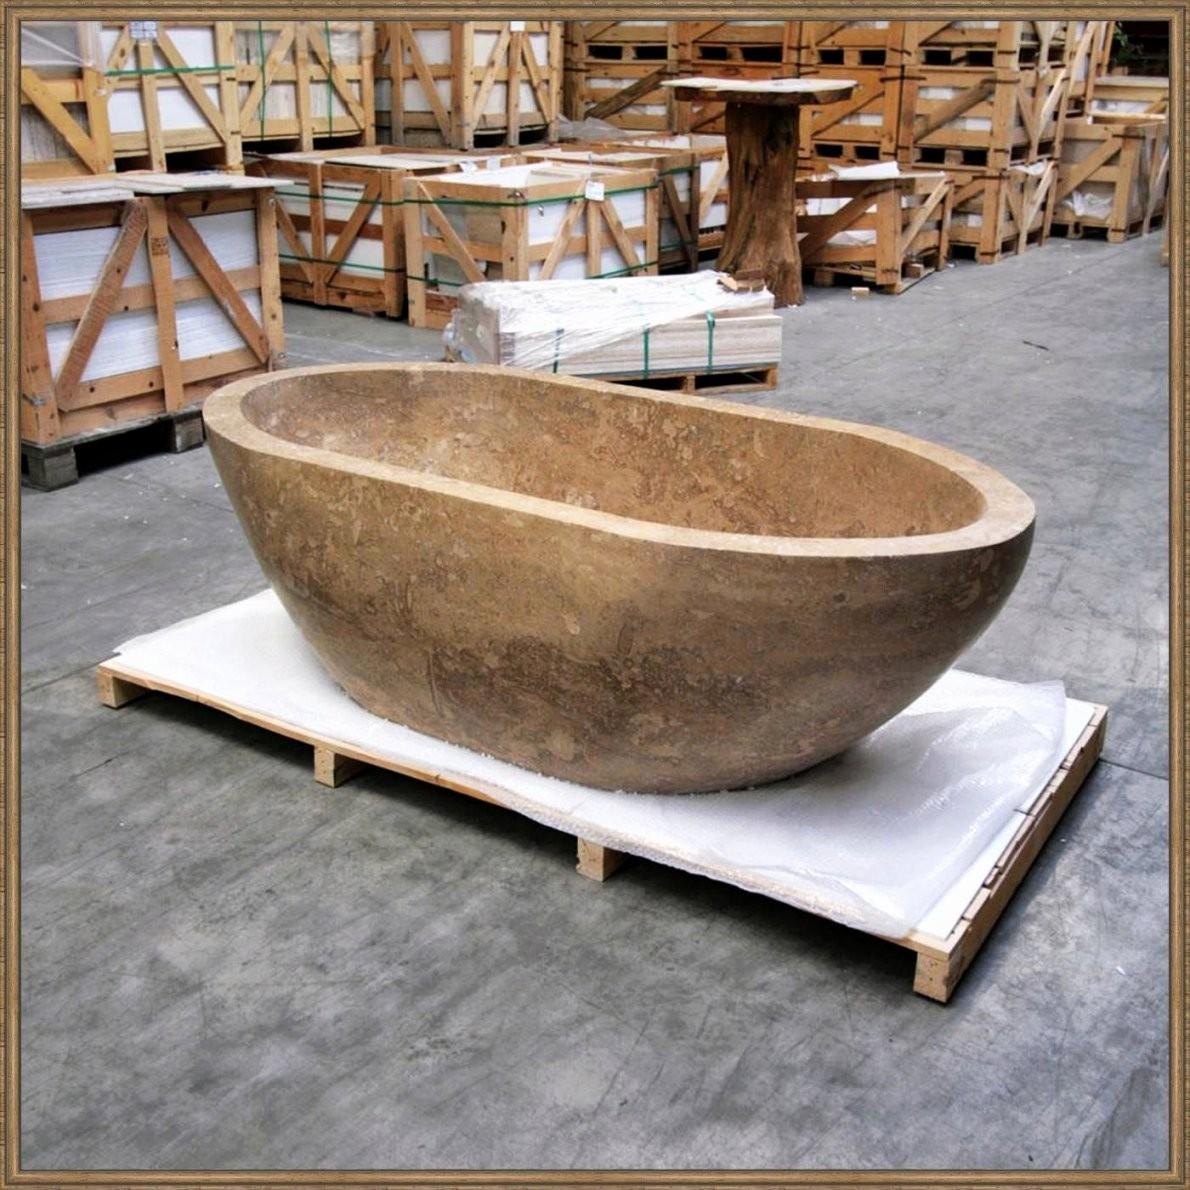 34 Abbild Freistehende Badewanne Gebraucht Frisch Bad Mit von Badewanne Freistehend Gebraucht Photo